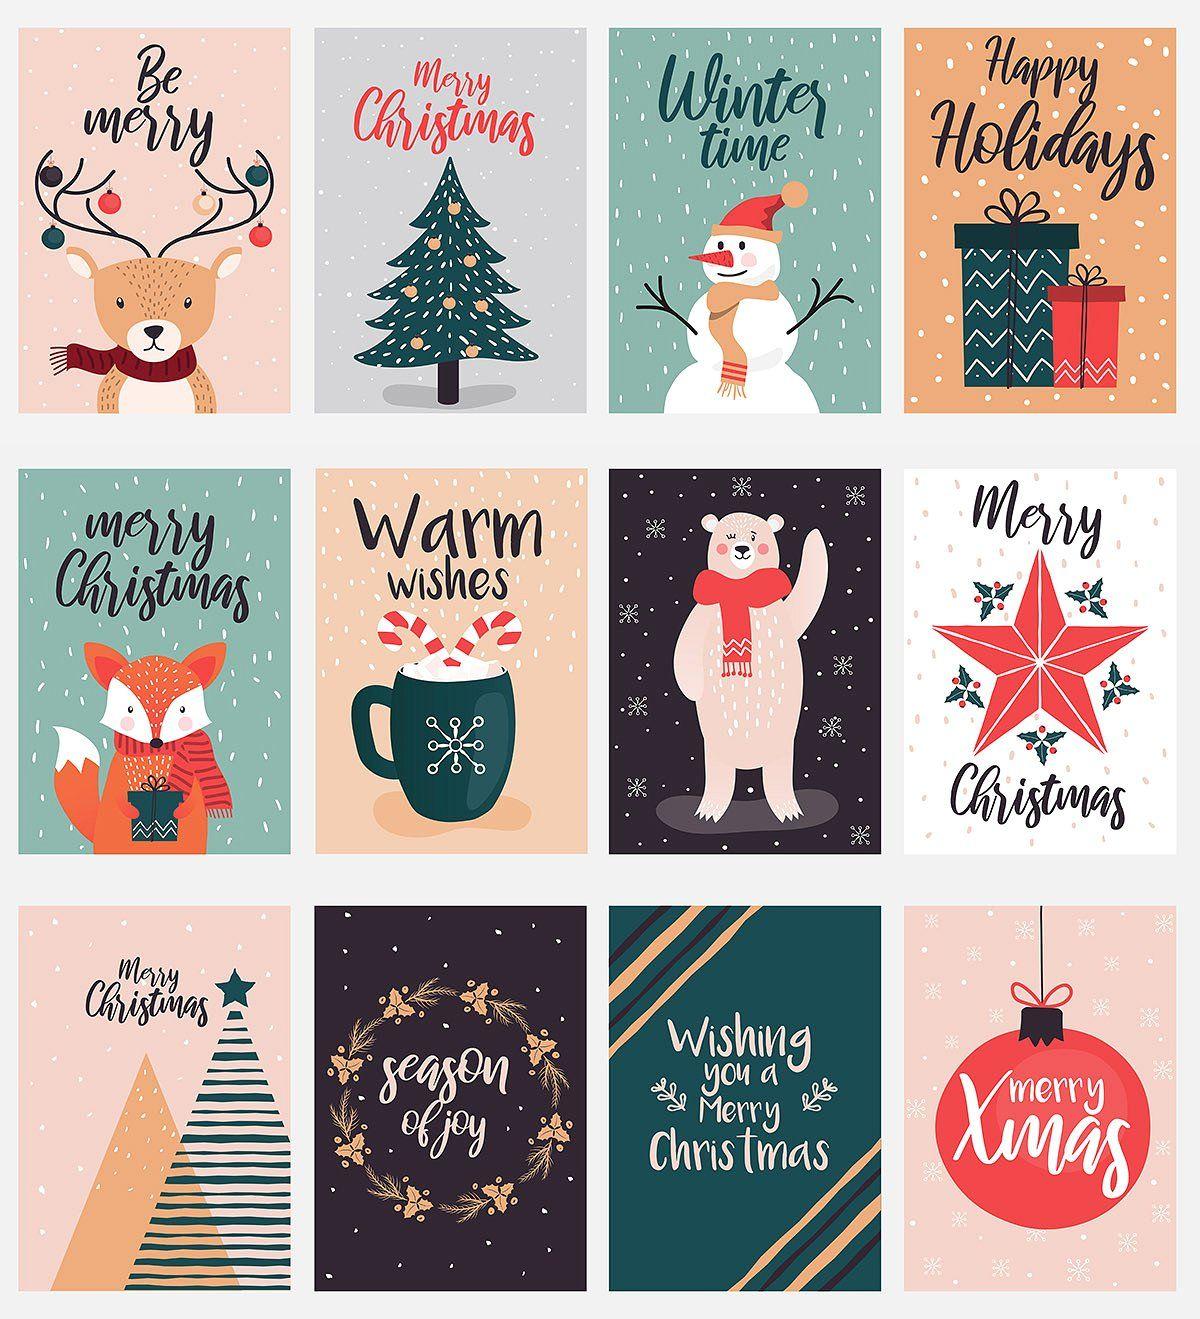 Hand Drawn Christmas Greeting Cards Christmas Card Illustration Christmas Graphic Design Christmas Graphics